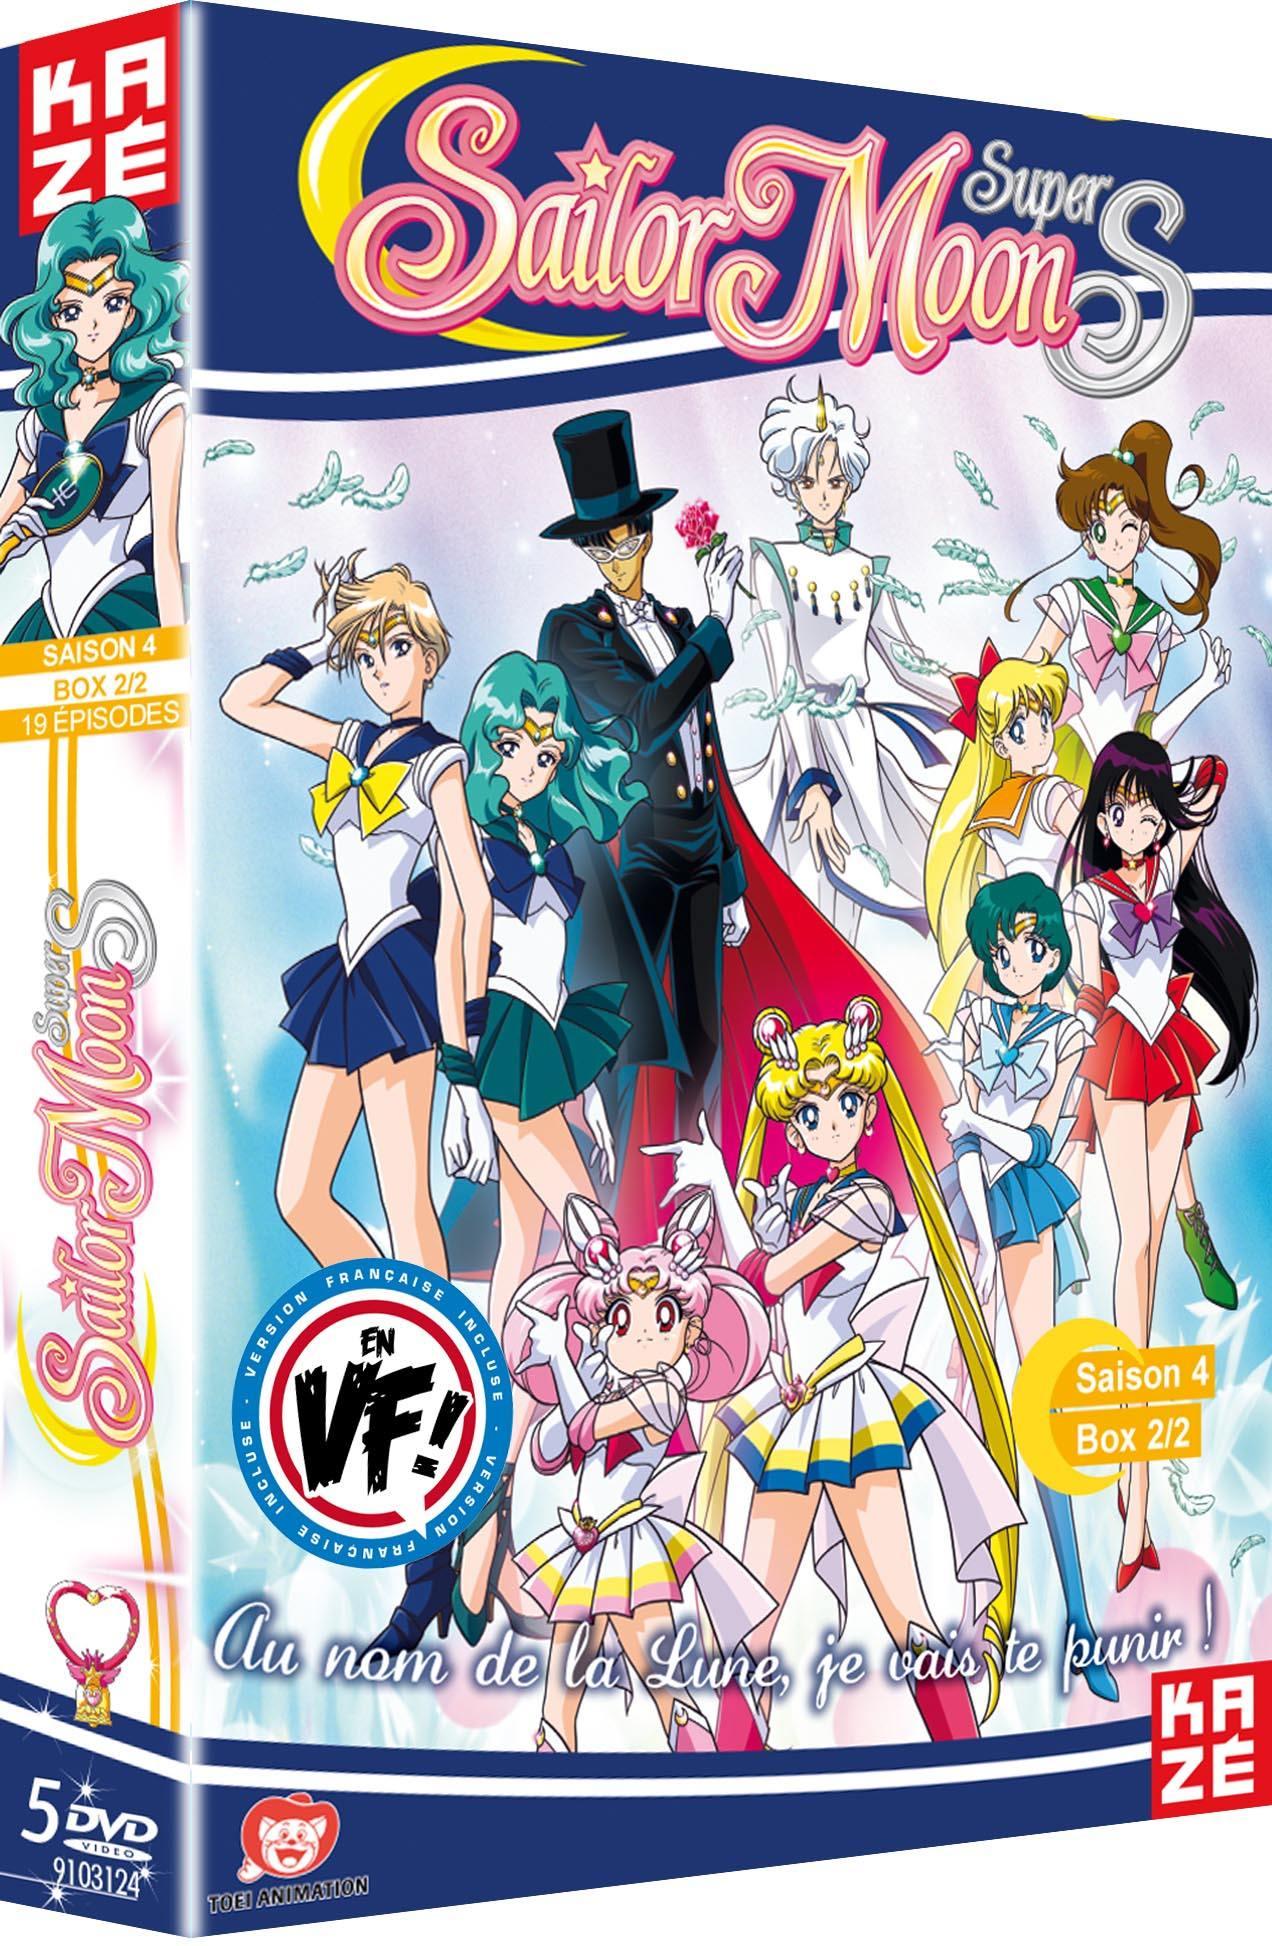 Sailor moon super s - saison 4 - partie 2 sur 2 - 5 dvd